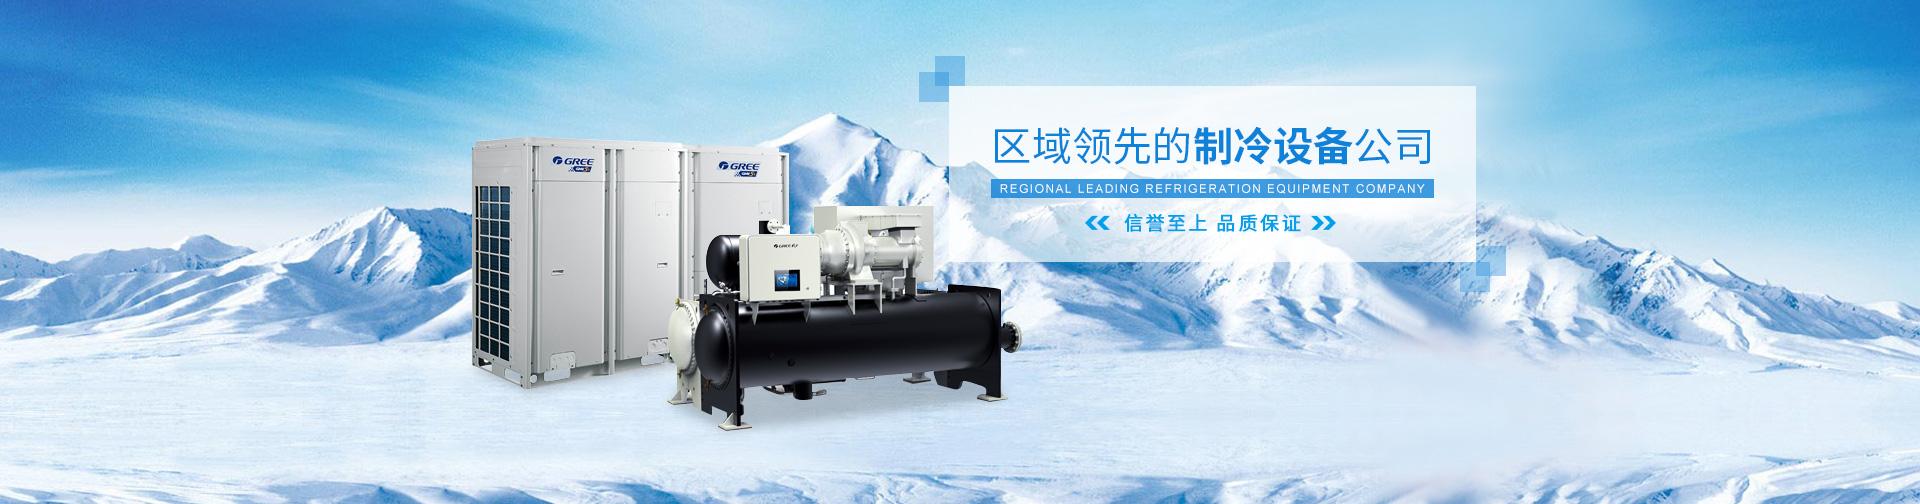 上海佳怡制冷设备有限公司